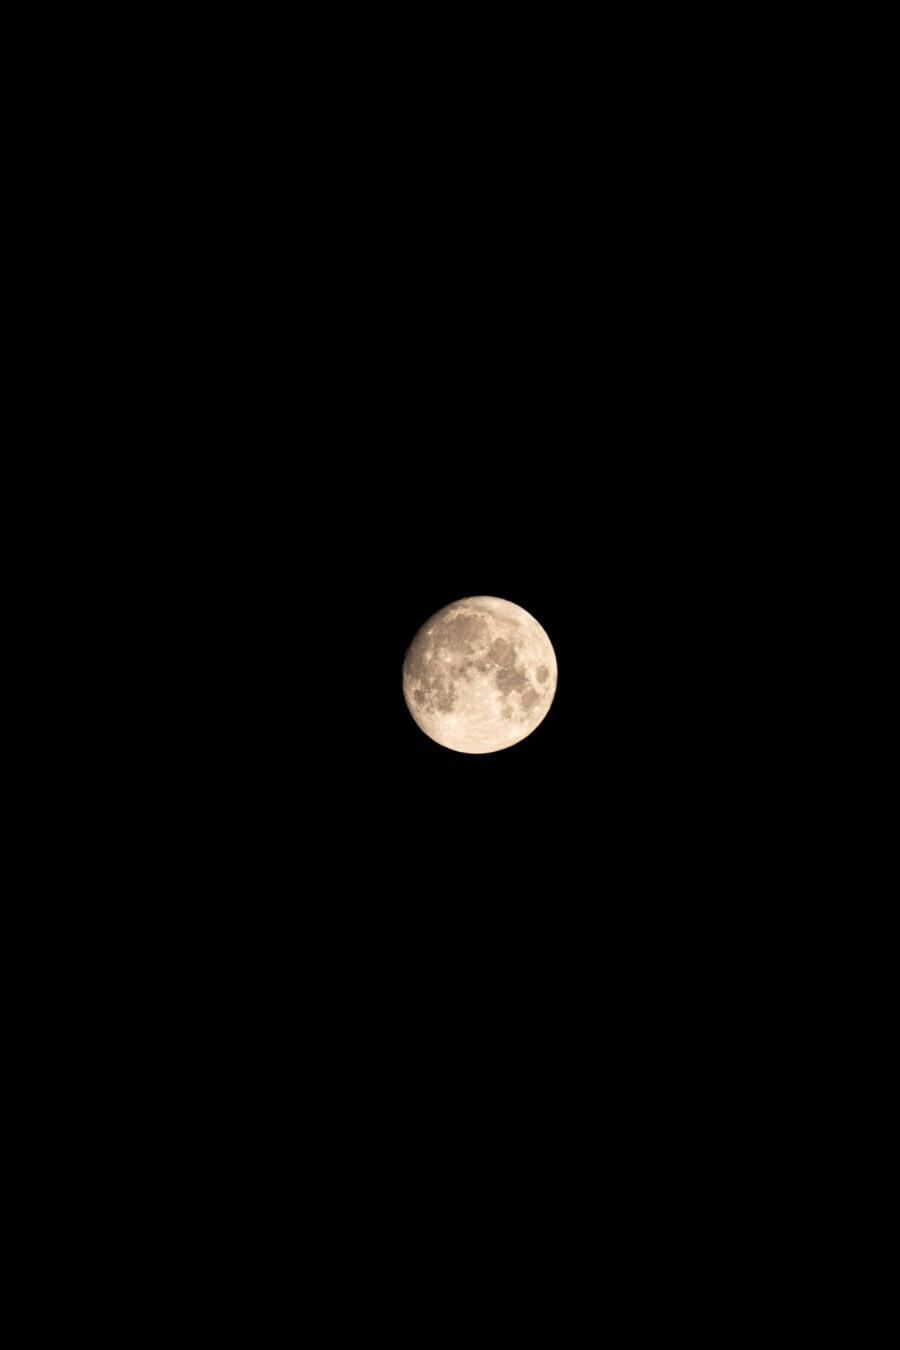 Lune, clair de lune, paysage lunaire, pleine lune, voie Lactée, nuit, univers, Galaxy, Eclipse, astronomie